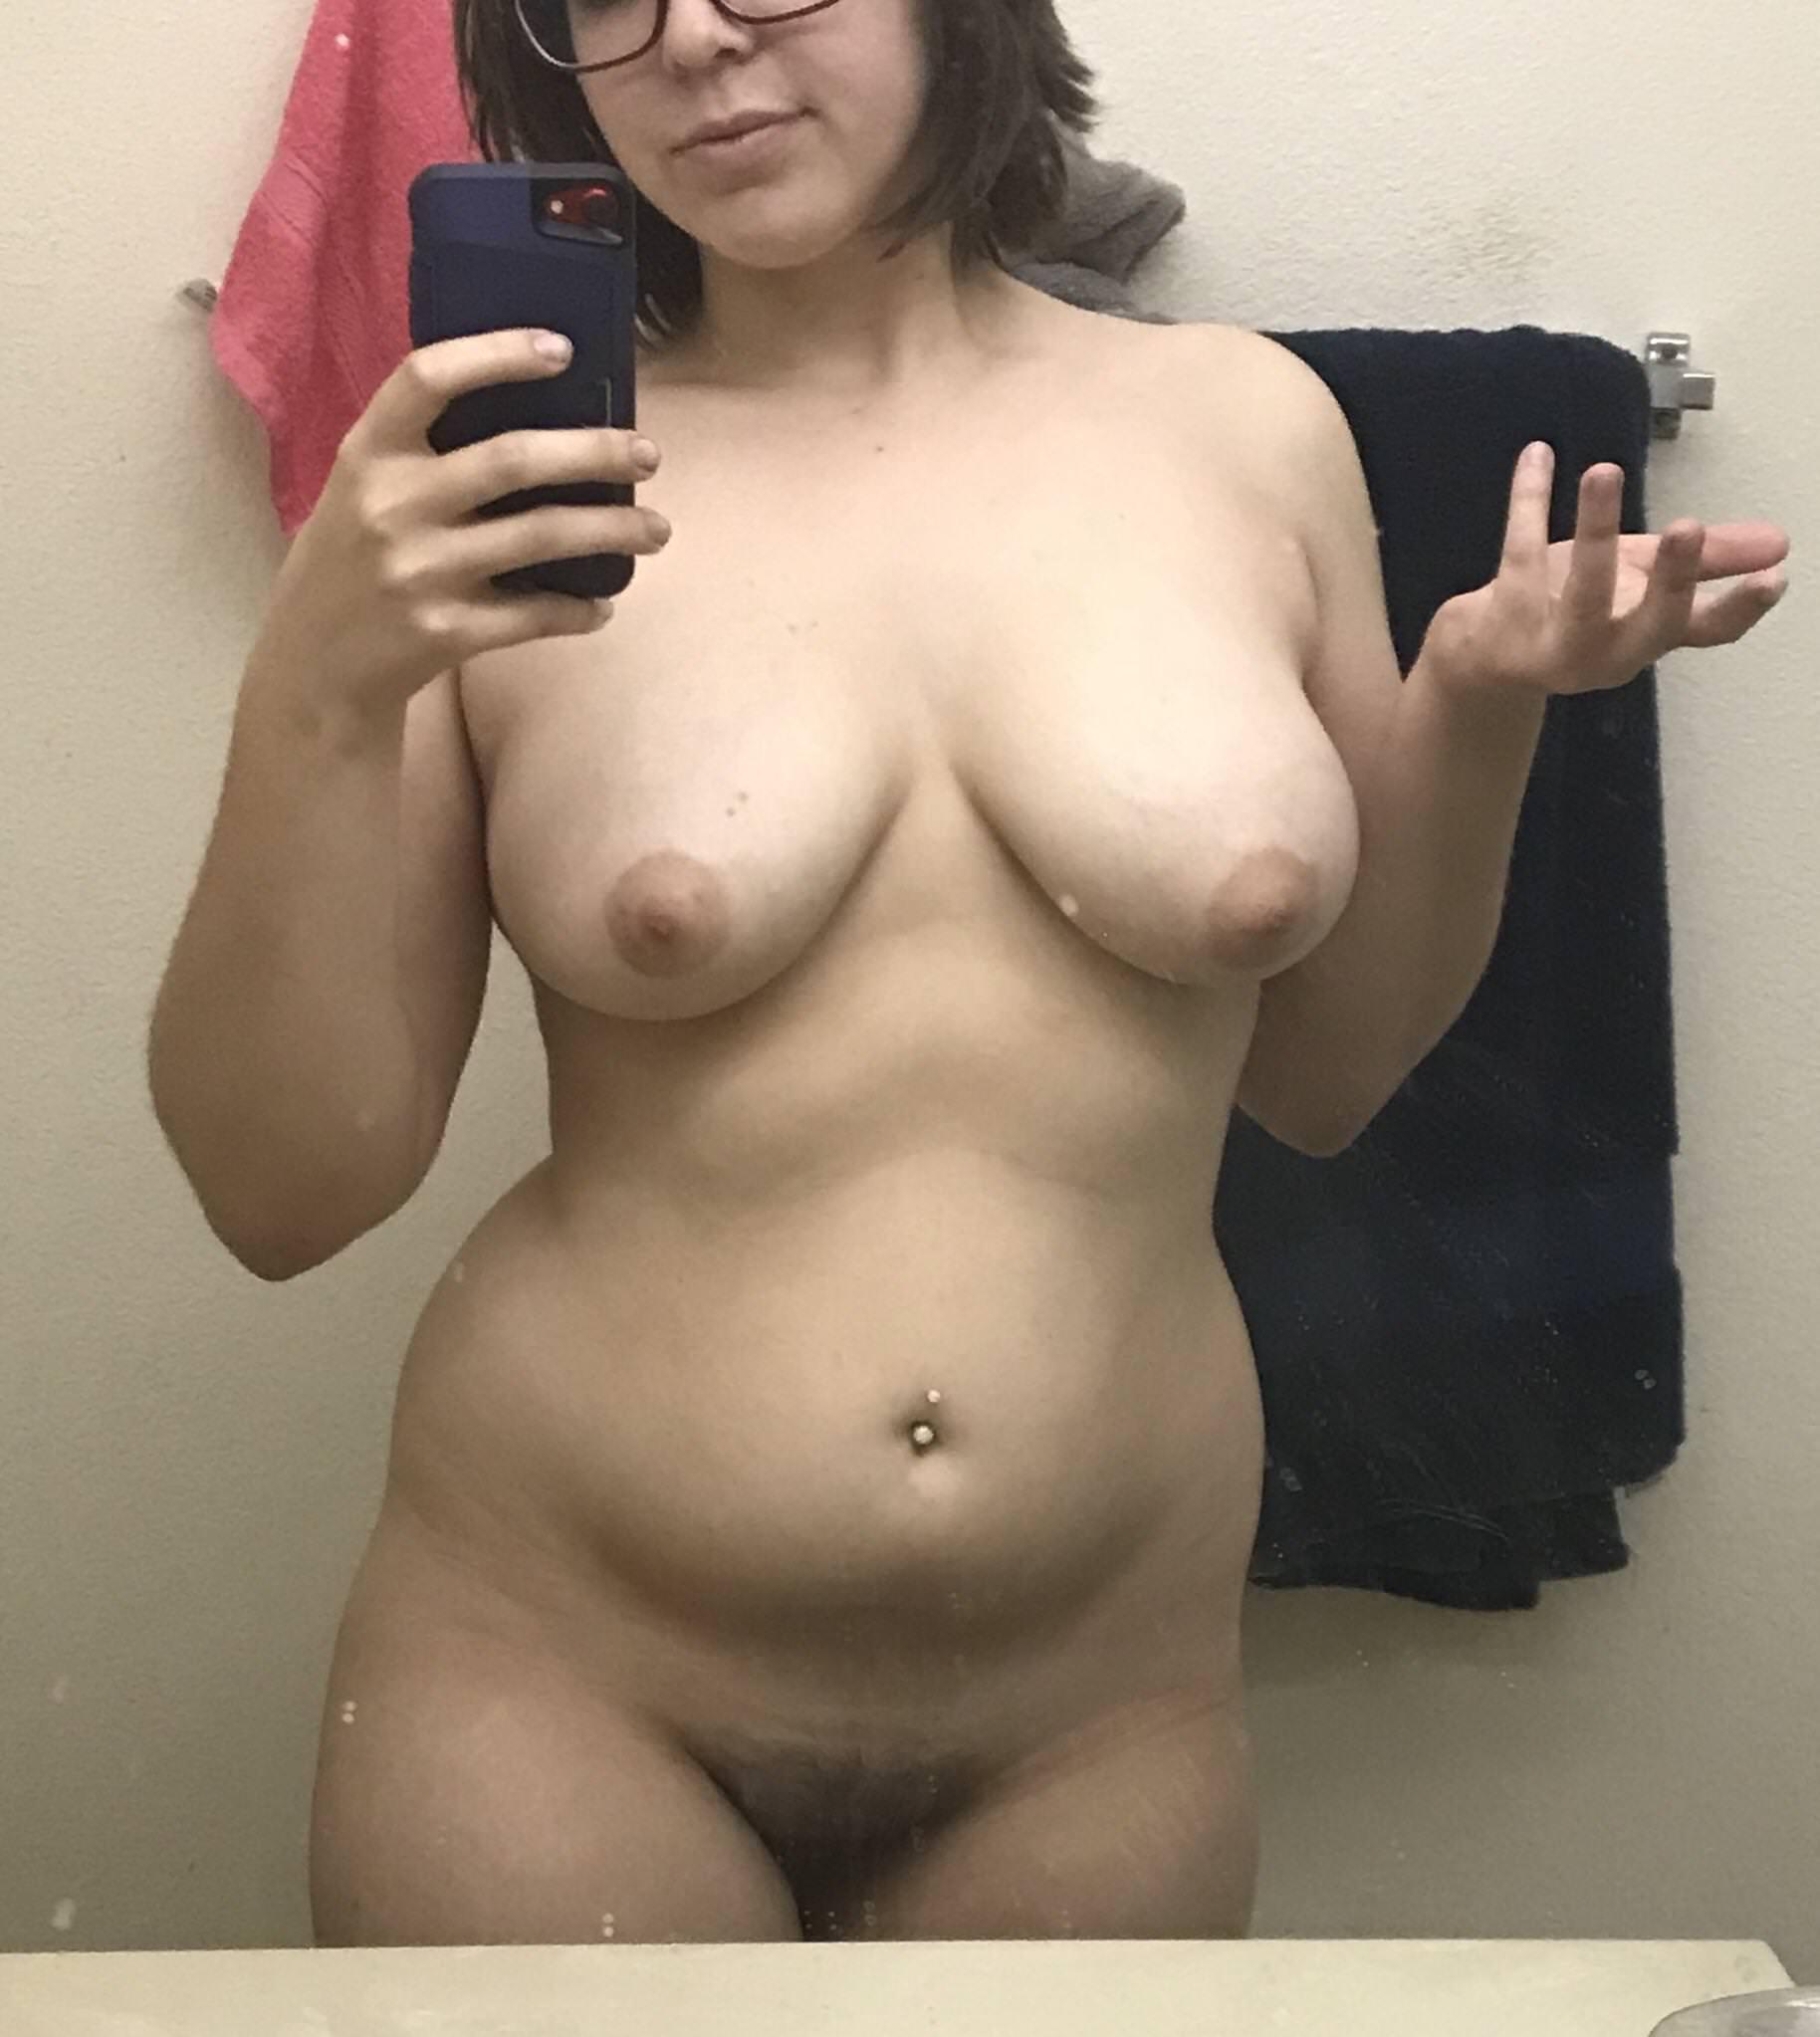 Free amature nude pic postings